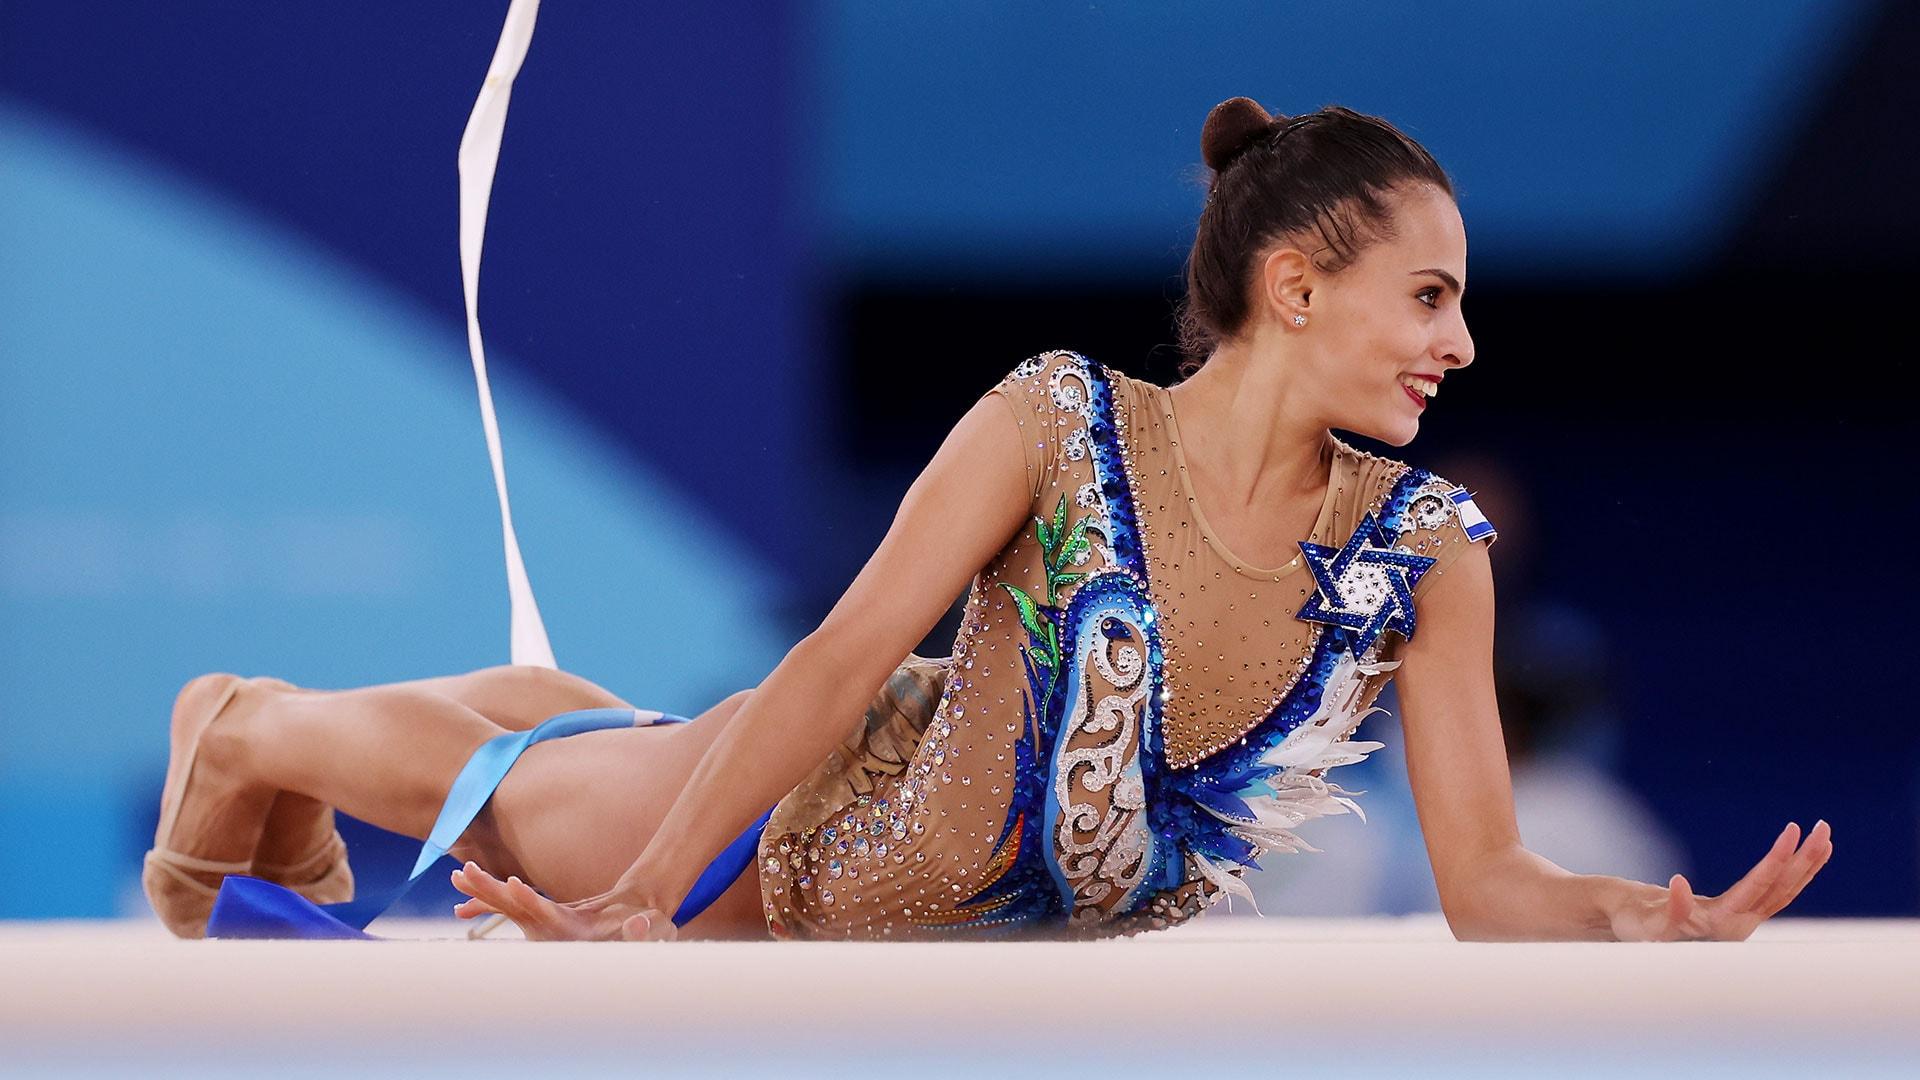 Image for Israel's Linoy Ashram upsets Dina Averina for gold in rhythmic gymnastics